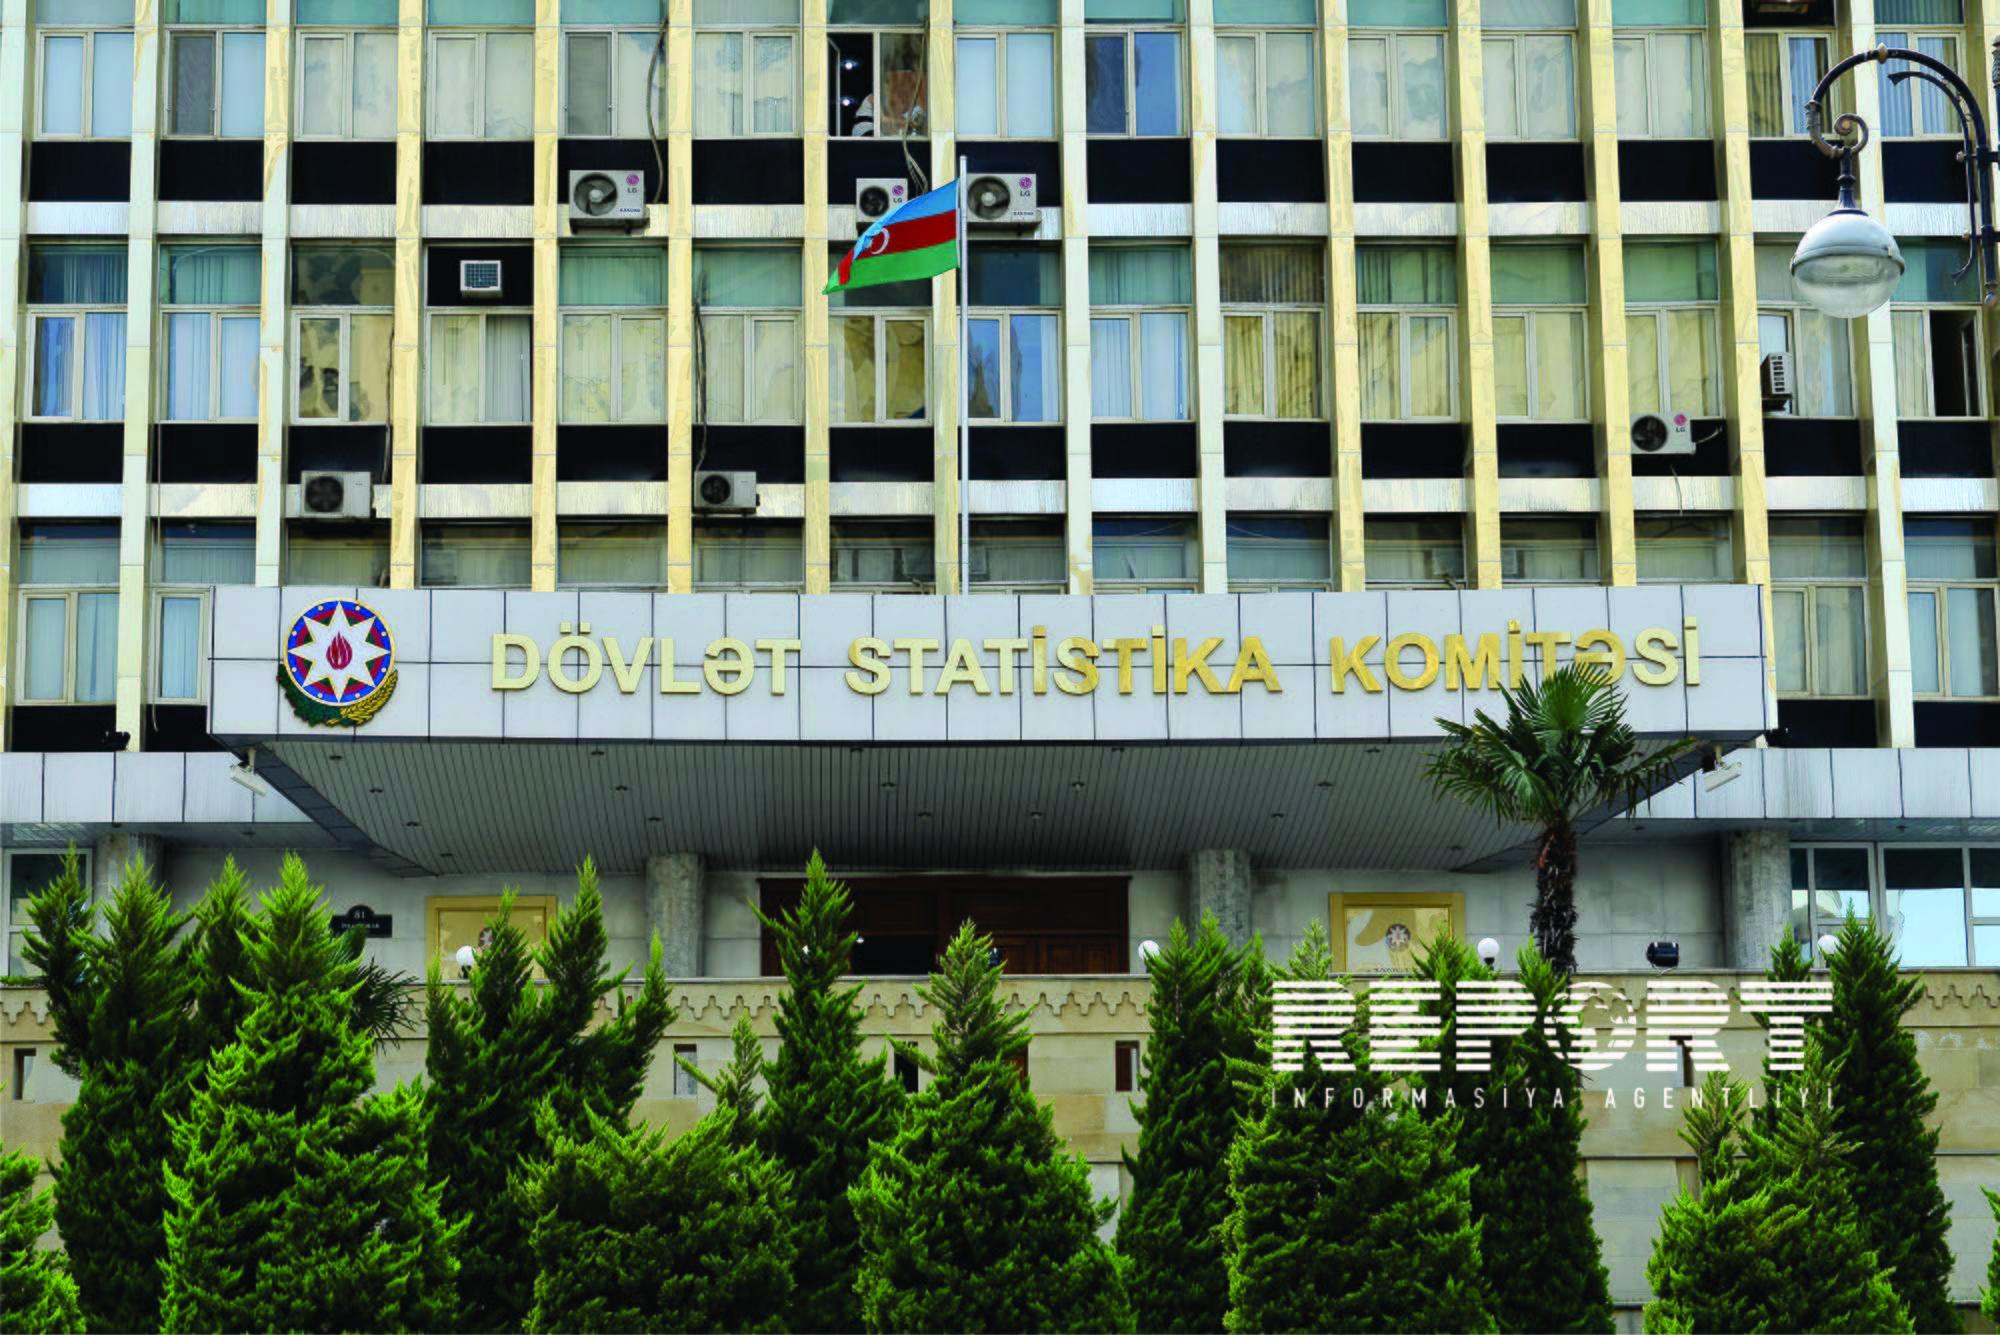 Azərbaycanda 895 mln. manat dəyərində neft məhsulları istehsal olunub